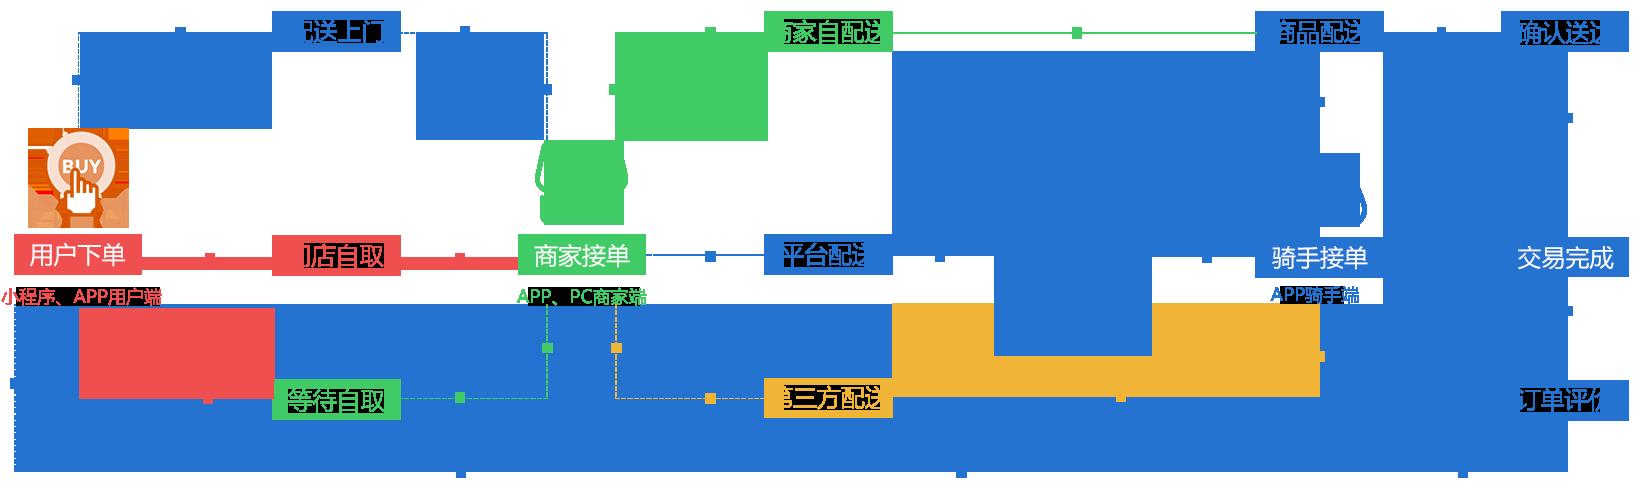 外卖业务流程图